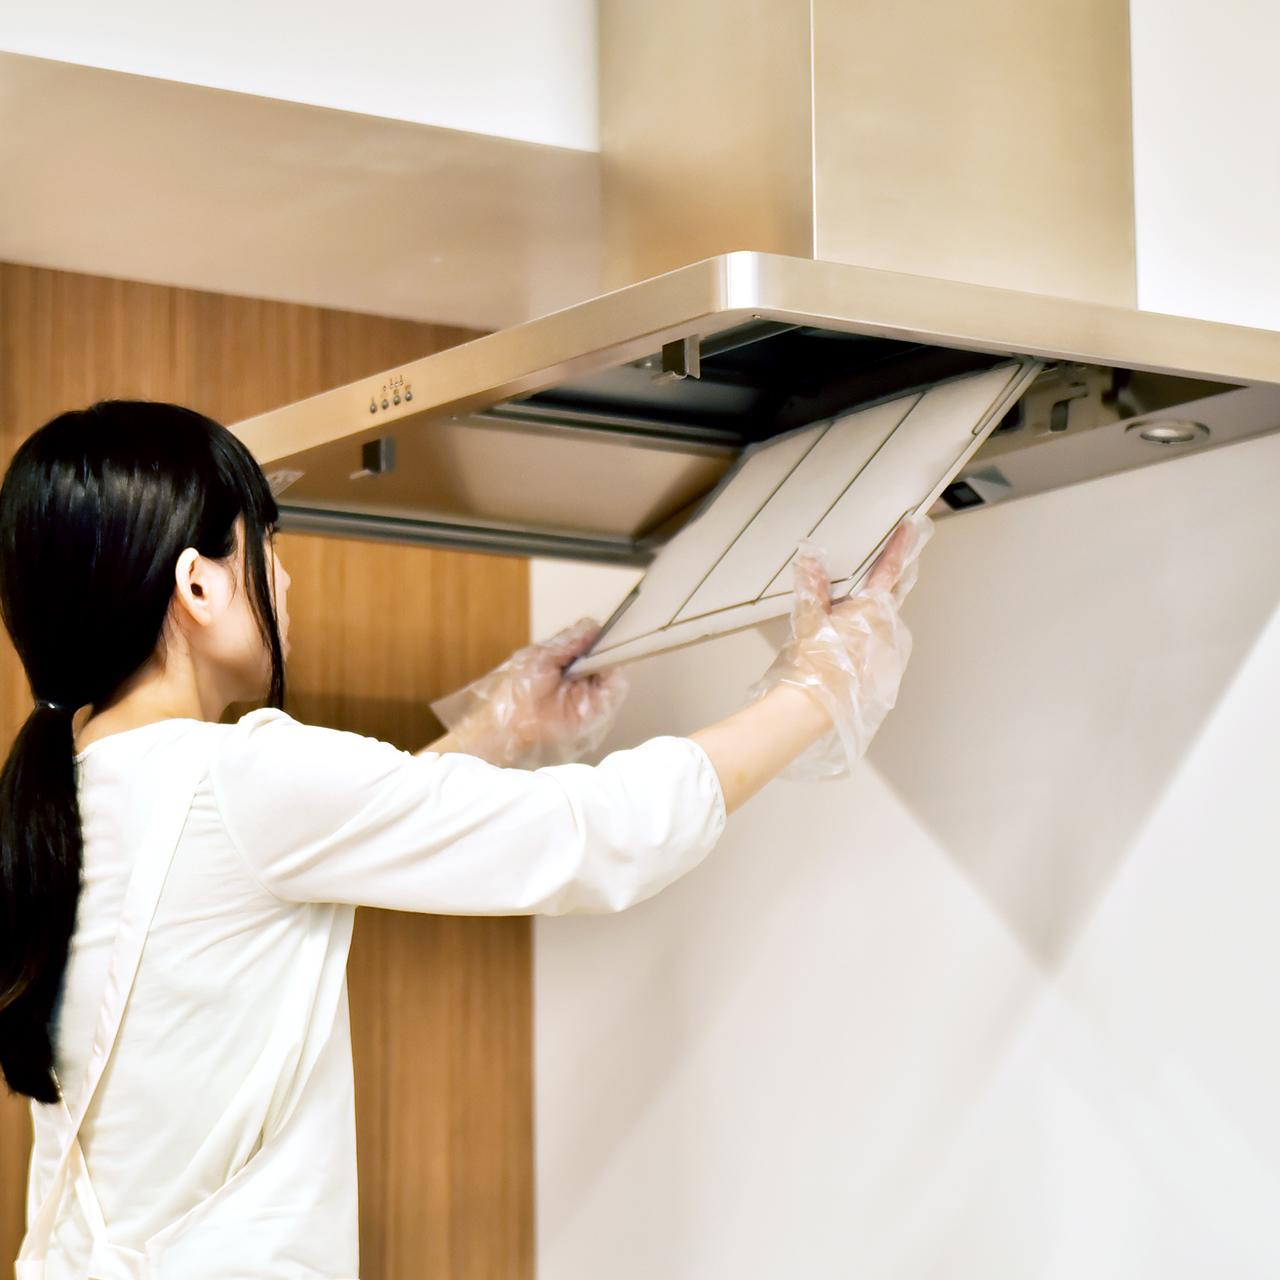 【無料サンプリング】掃除不要のレンジフードフィルター☆スターフィルターでキッチン美的革命しませんか